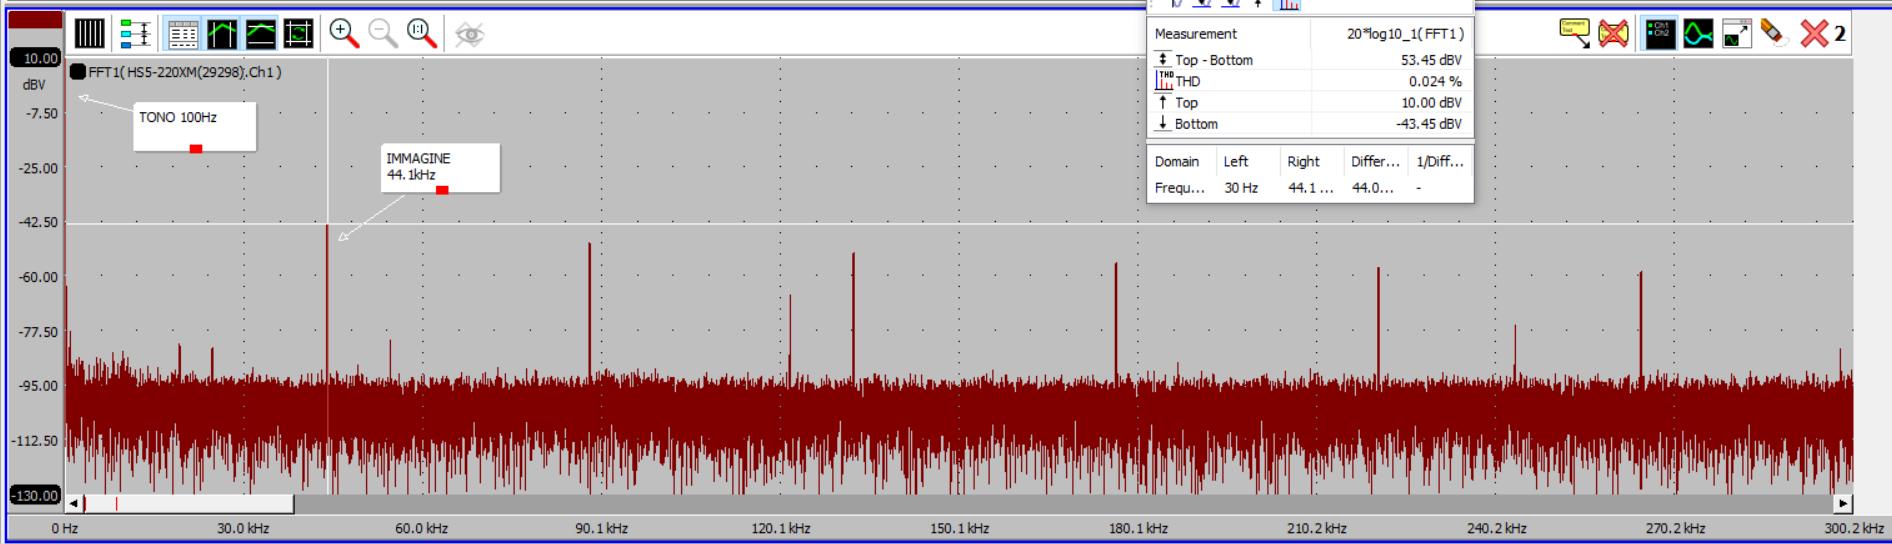 Esperimento sull'interpolazione lineare - Pagina 6 49182190722_8d8a18bd8b_o_d